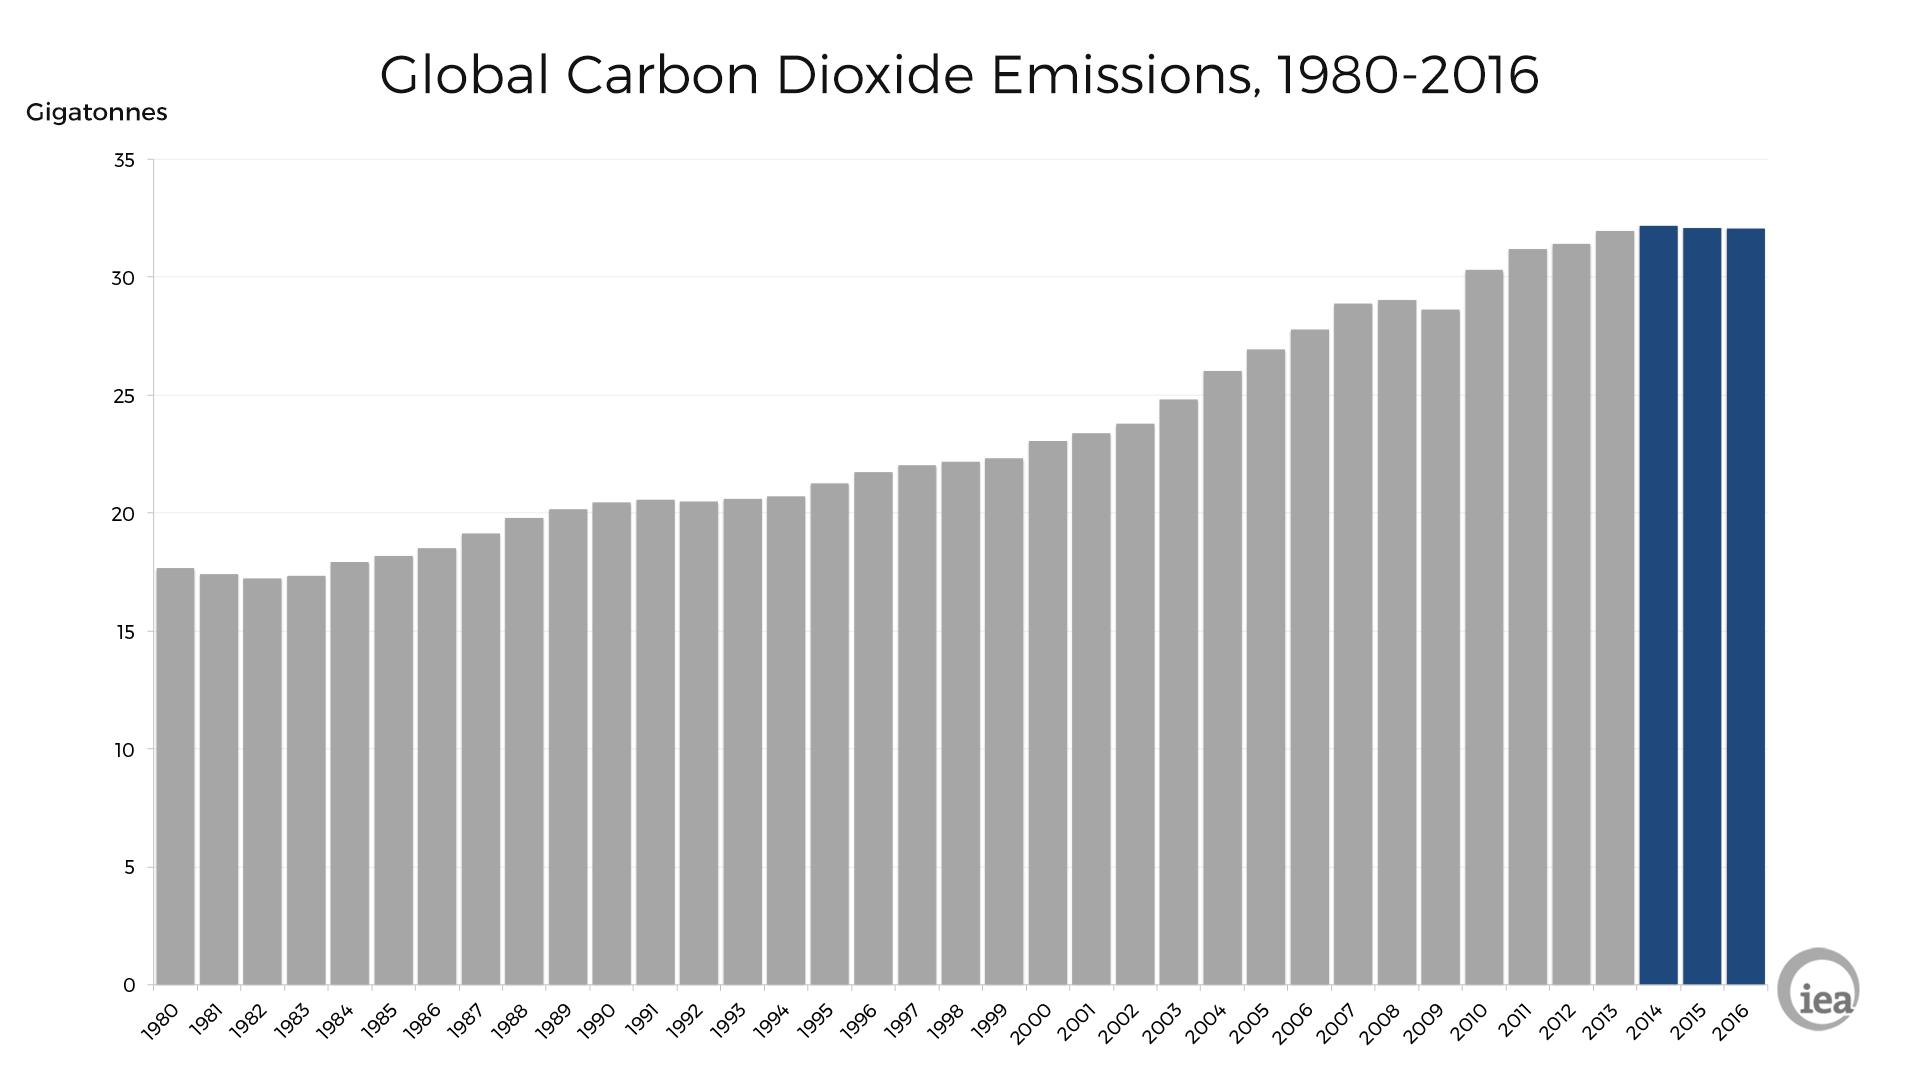 globalcarbonemissions2